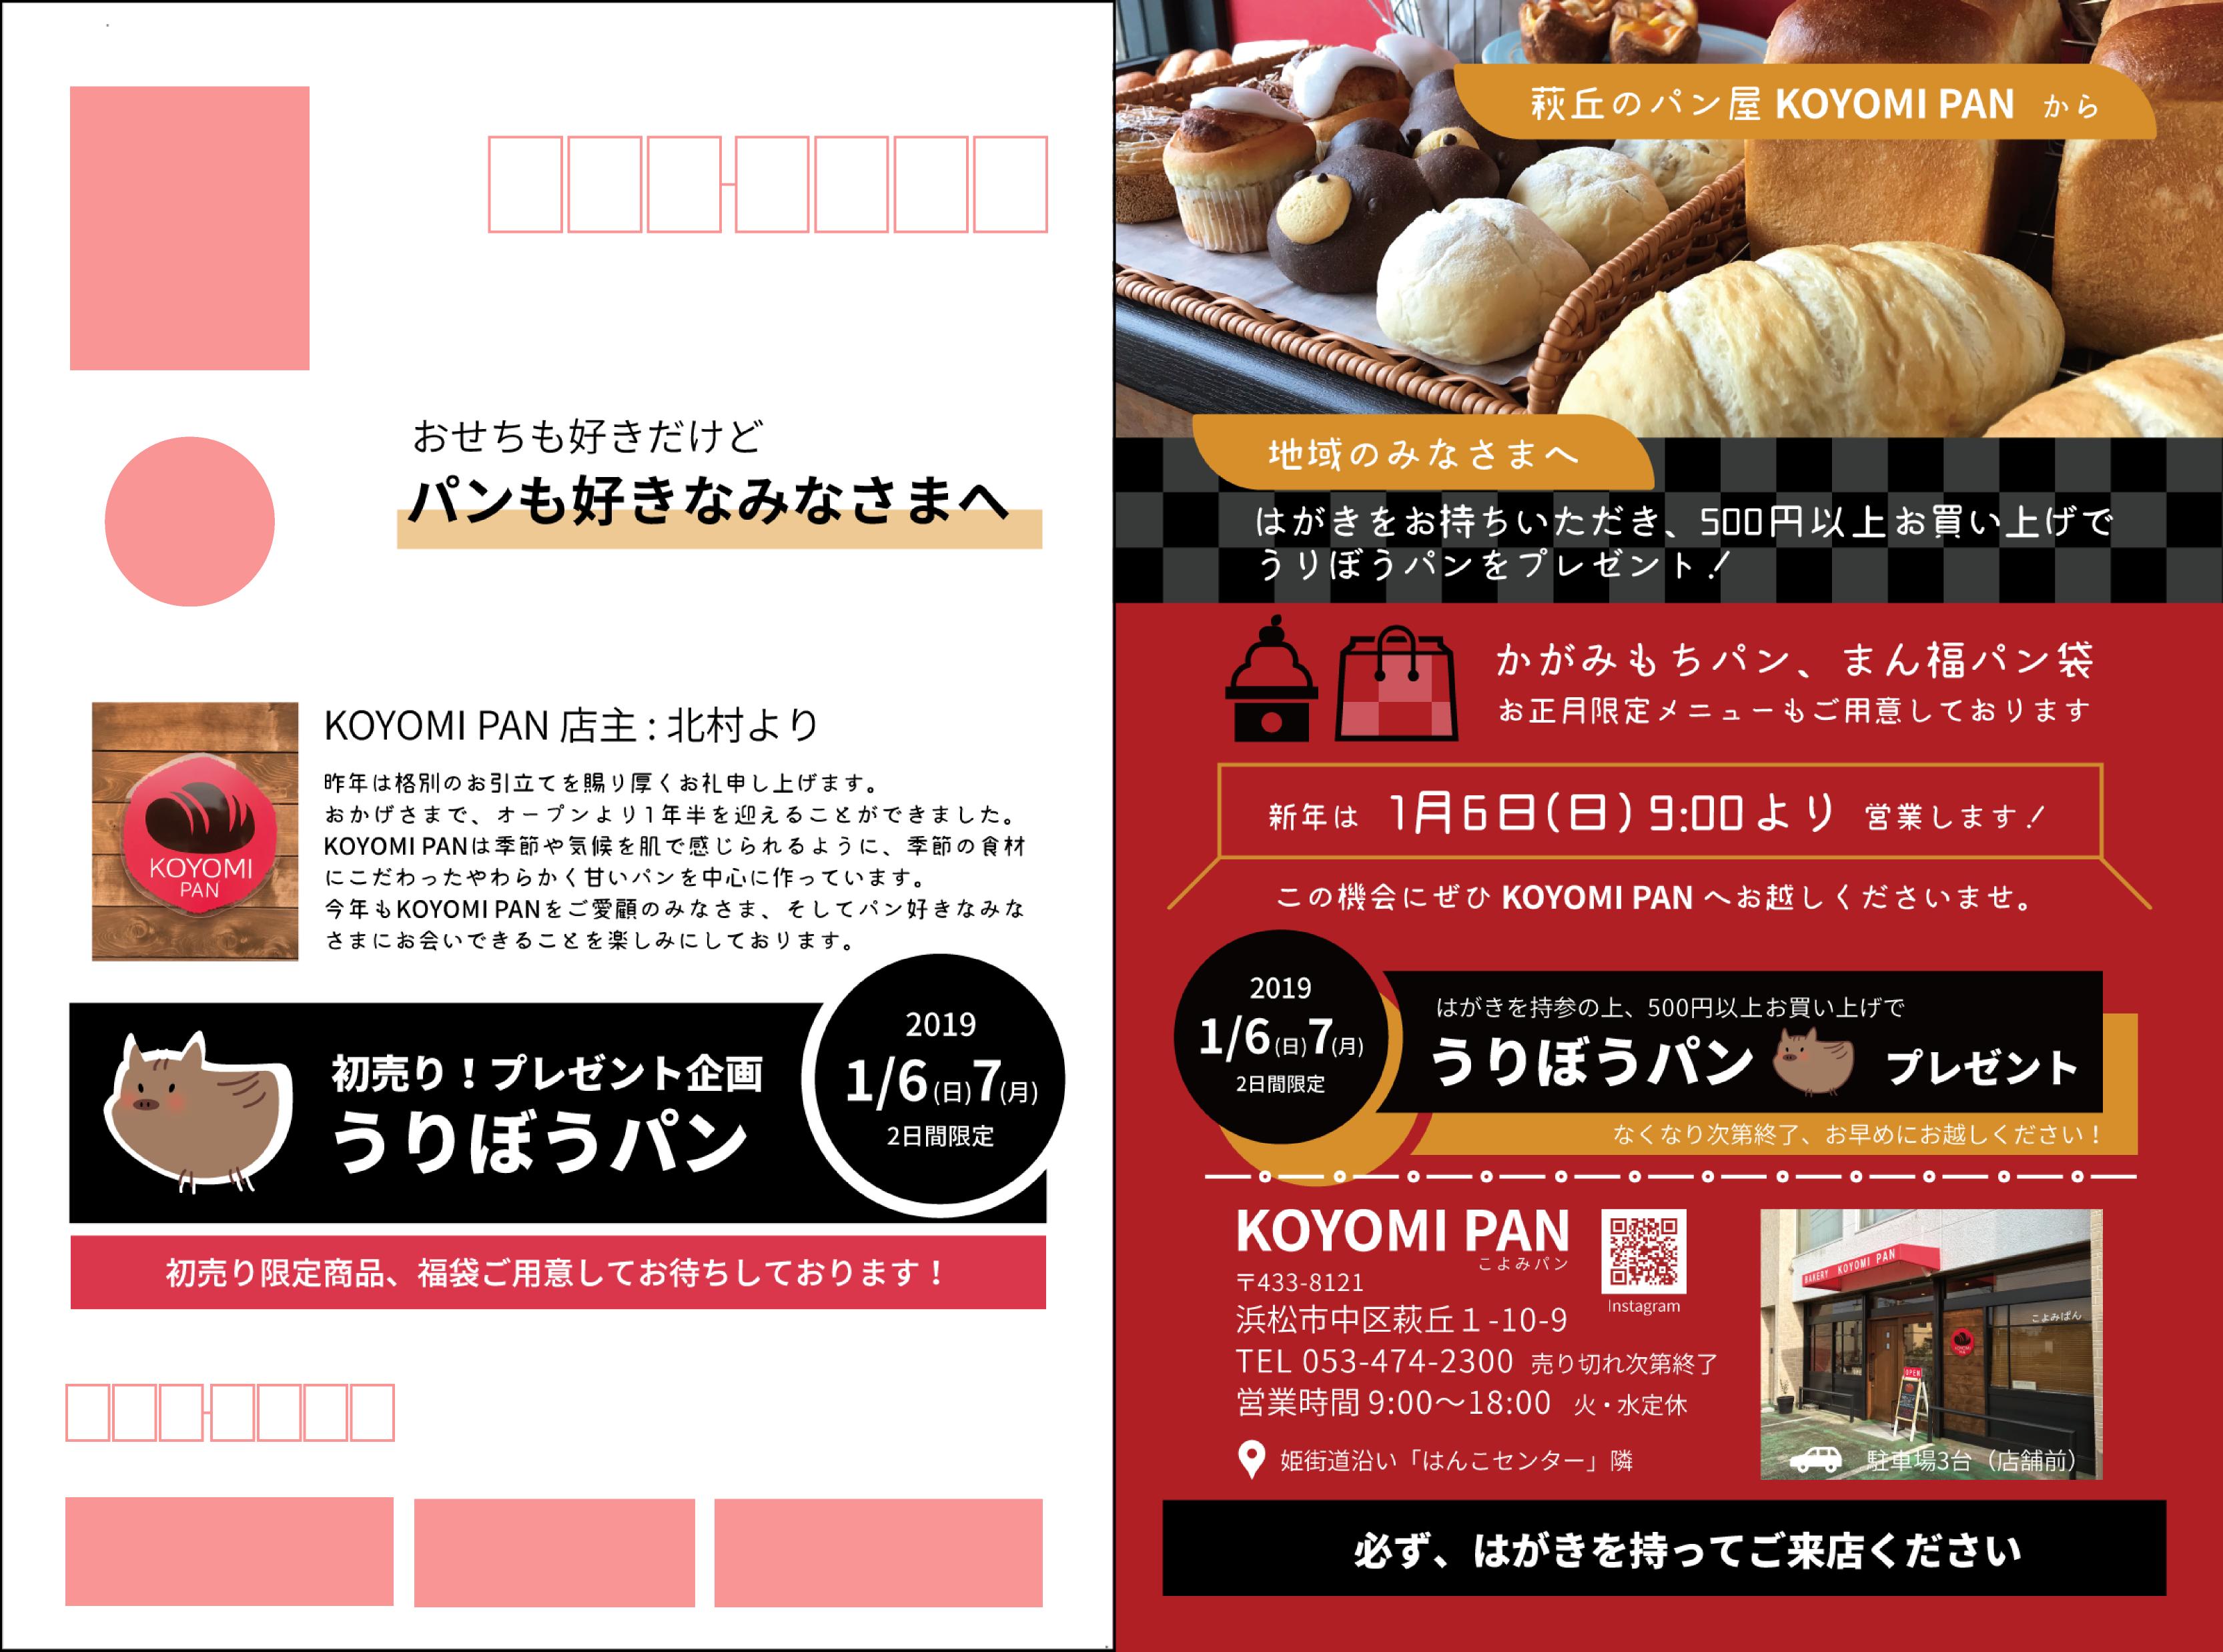 【デザイン】KOYOMI PAN様年賀ダイレクトメール